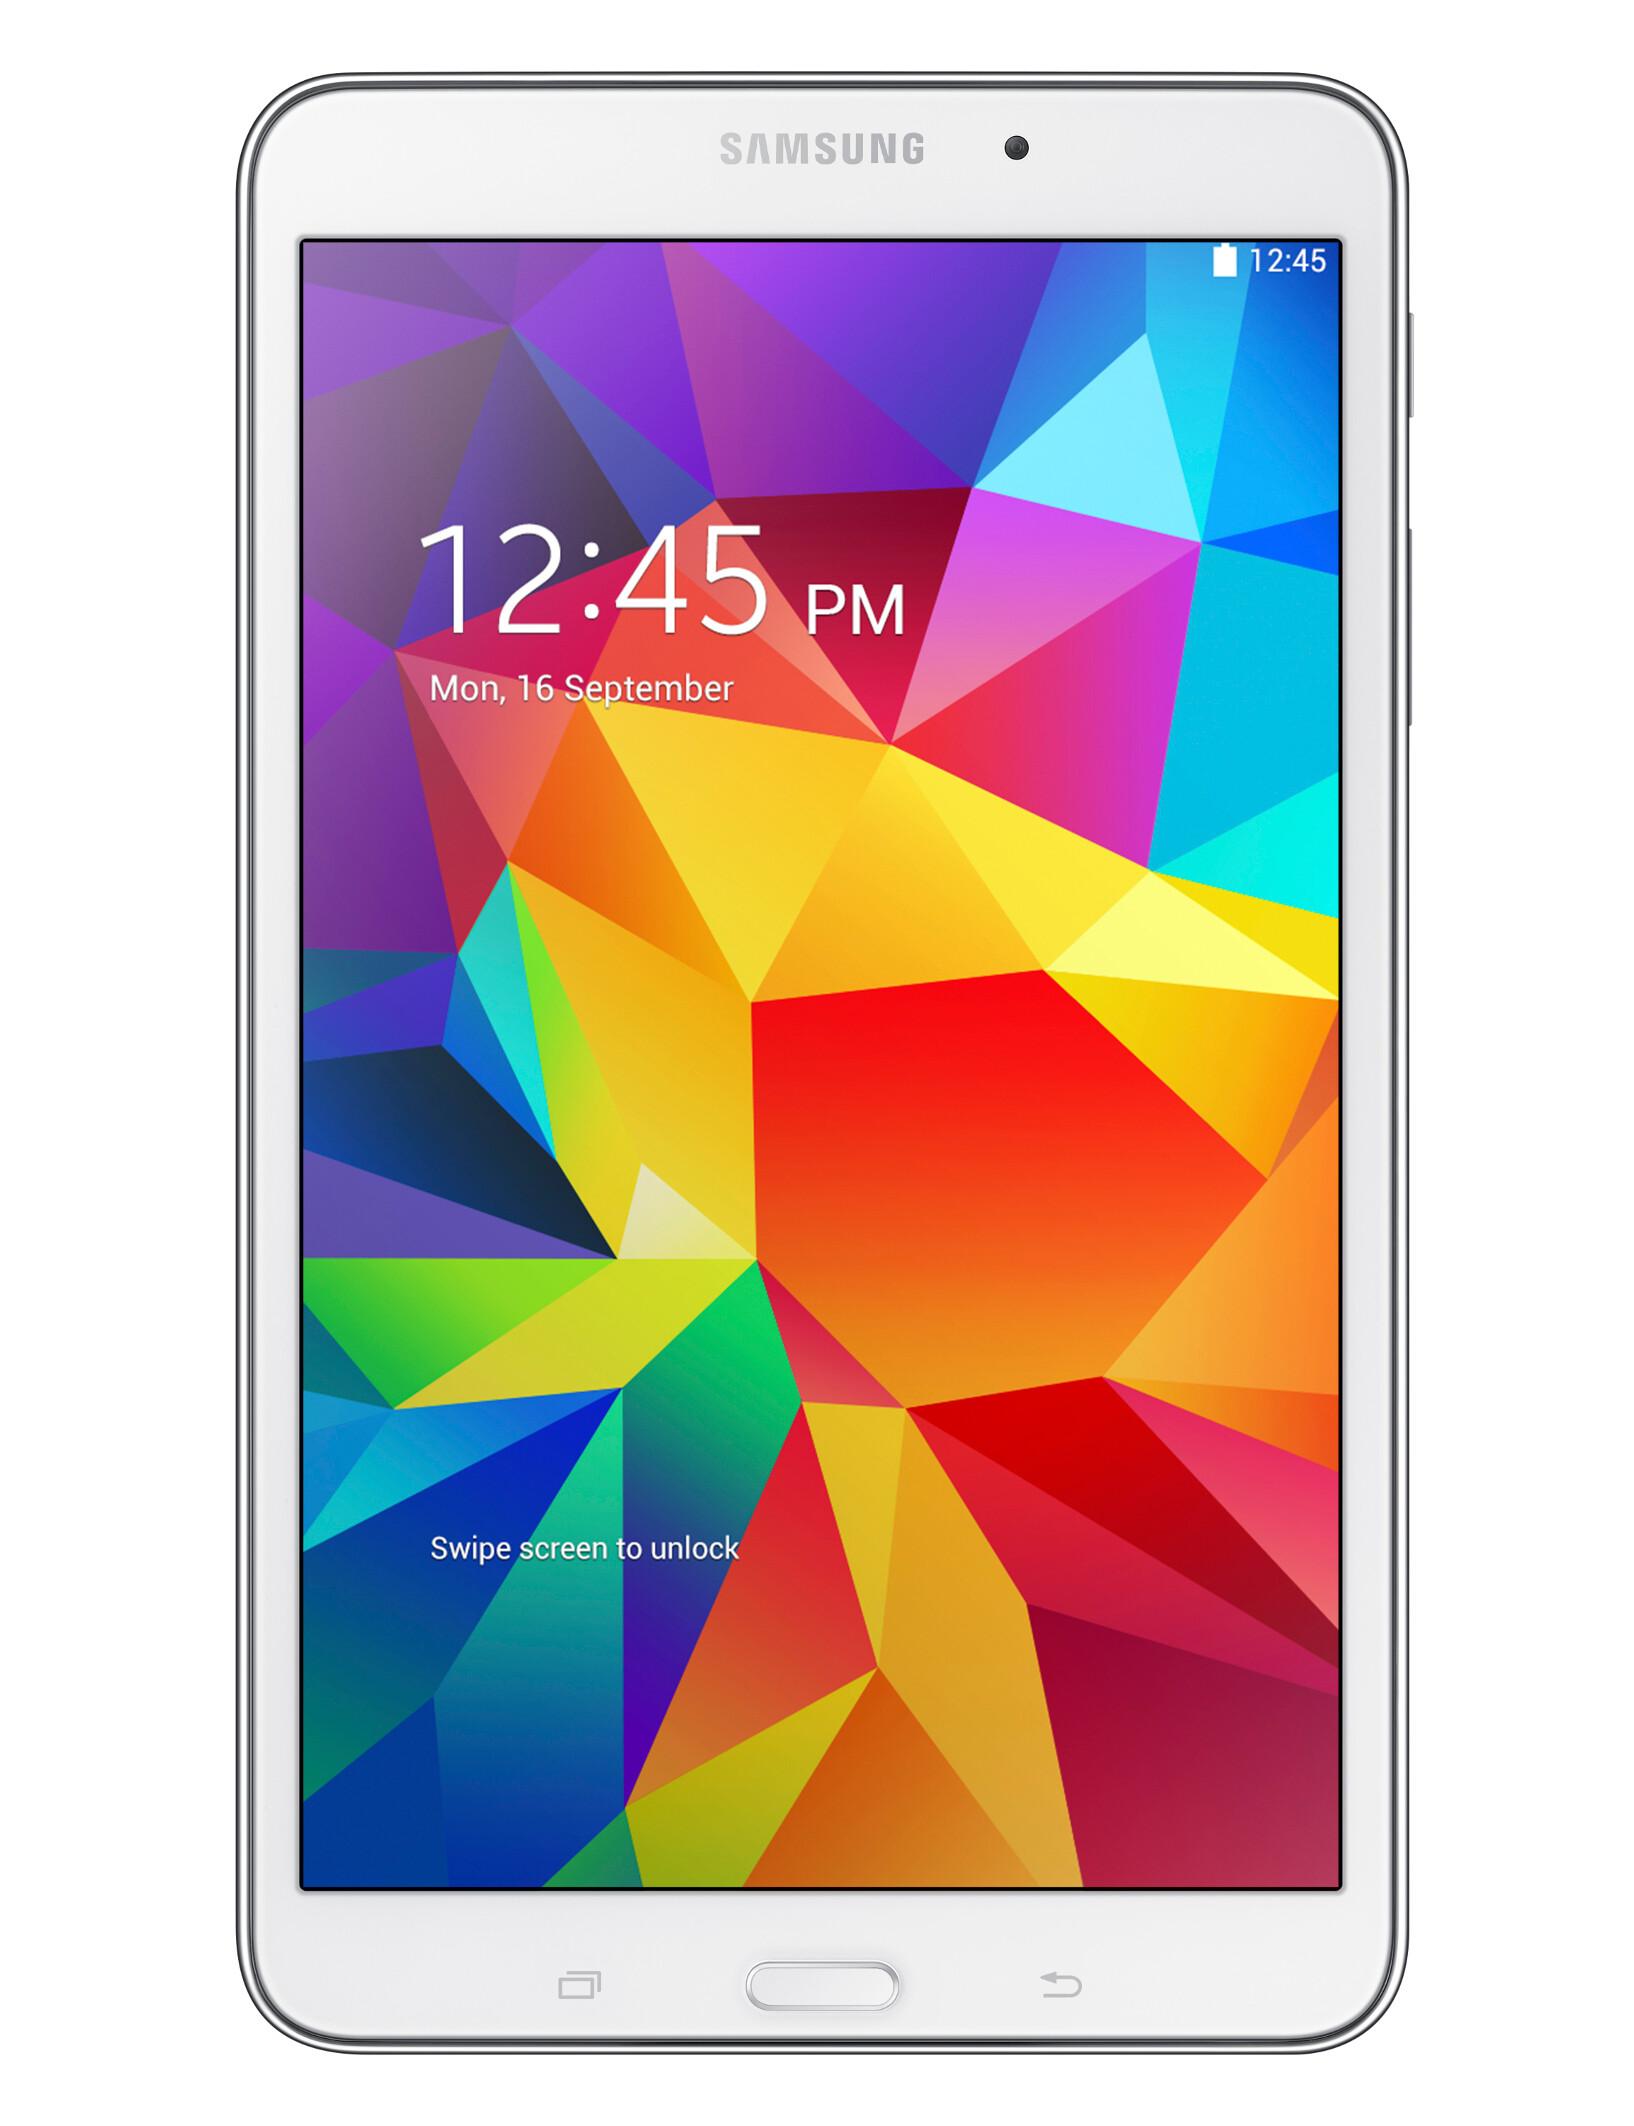 Galaxy Tab 4 8.0 màn hình đẹp